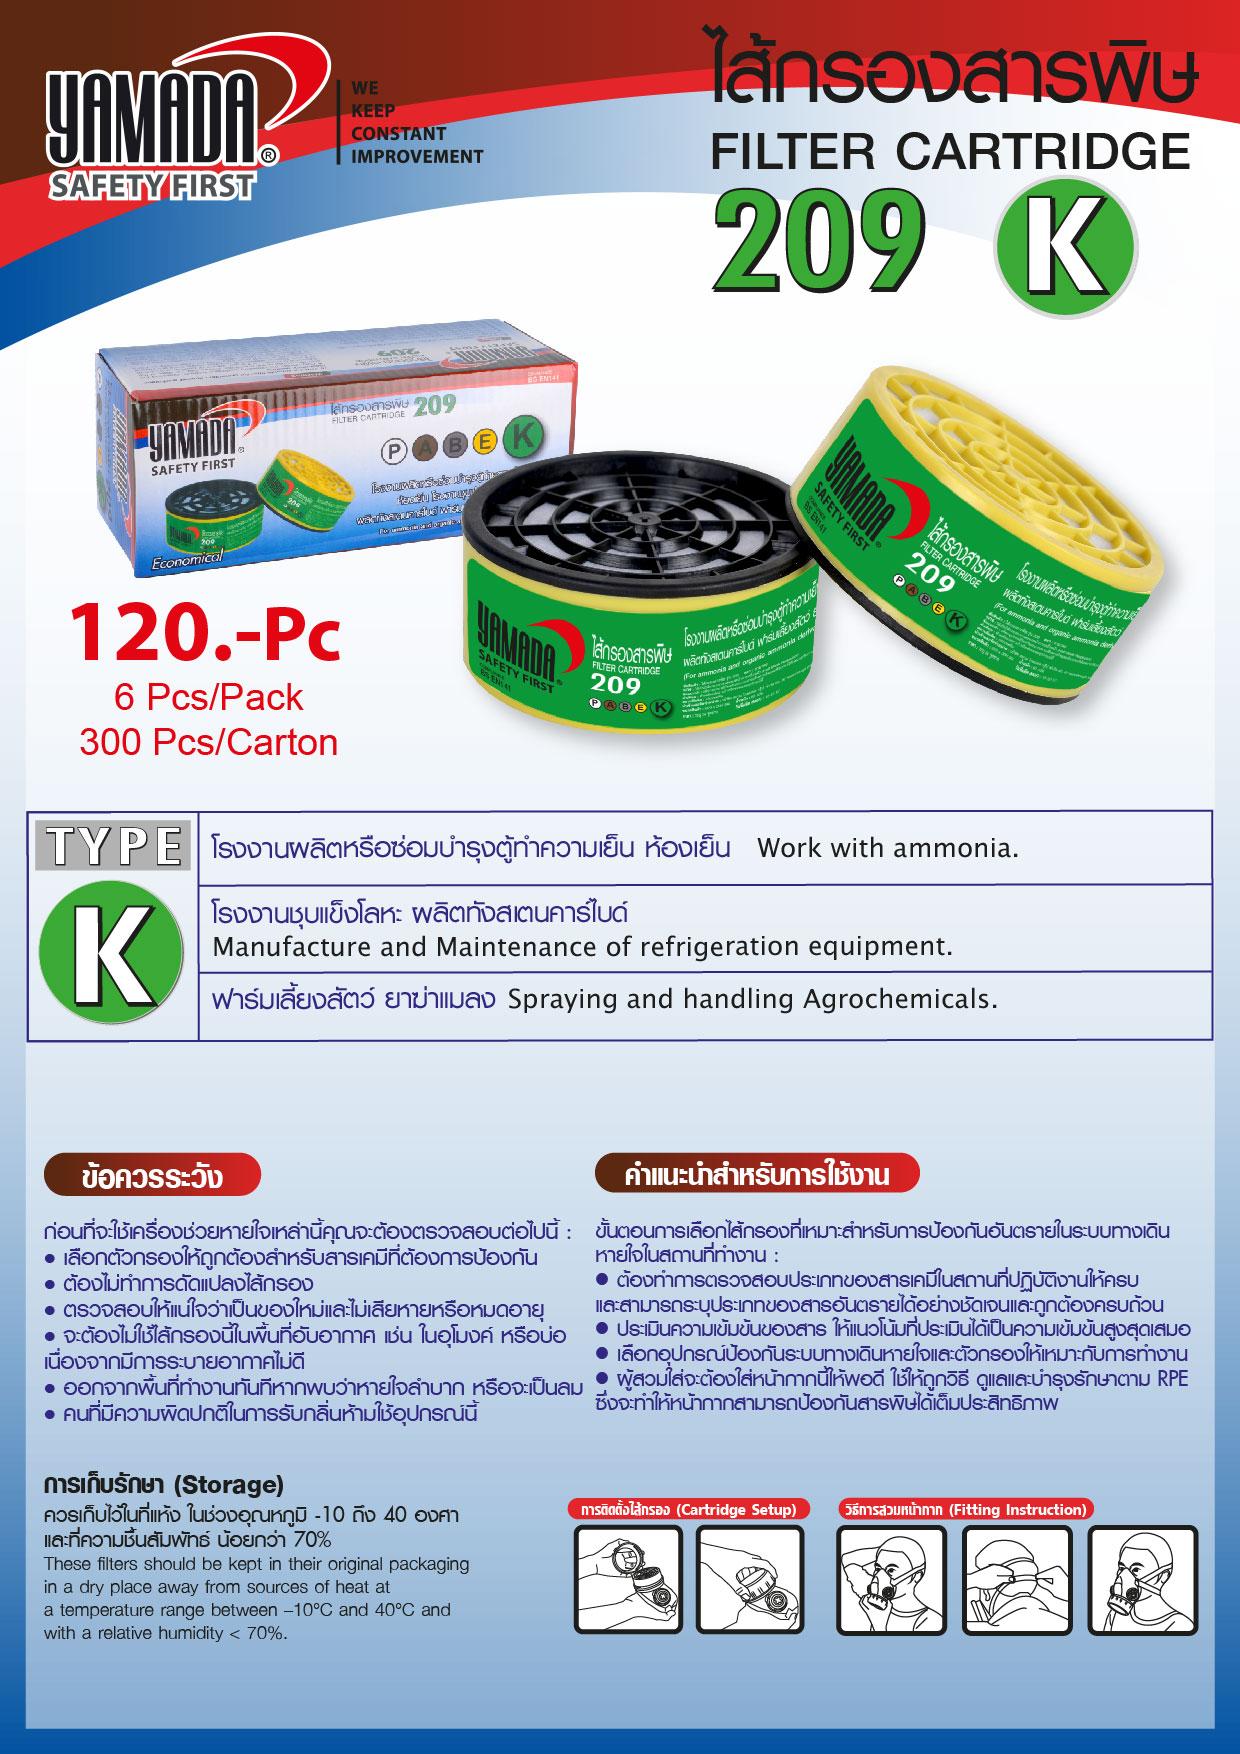 (82/278) ไส้กรองสารพิษ 209 TYPE K / Filter Cartridge